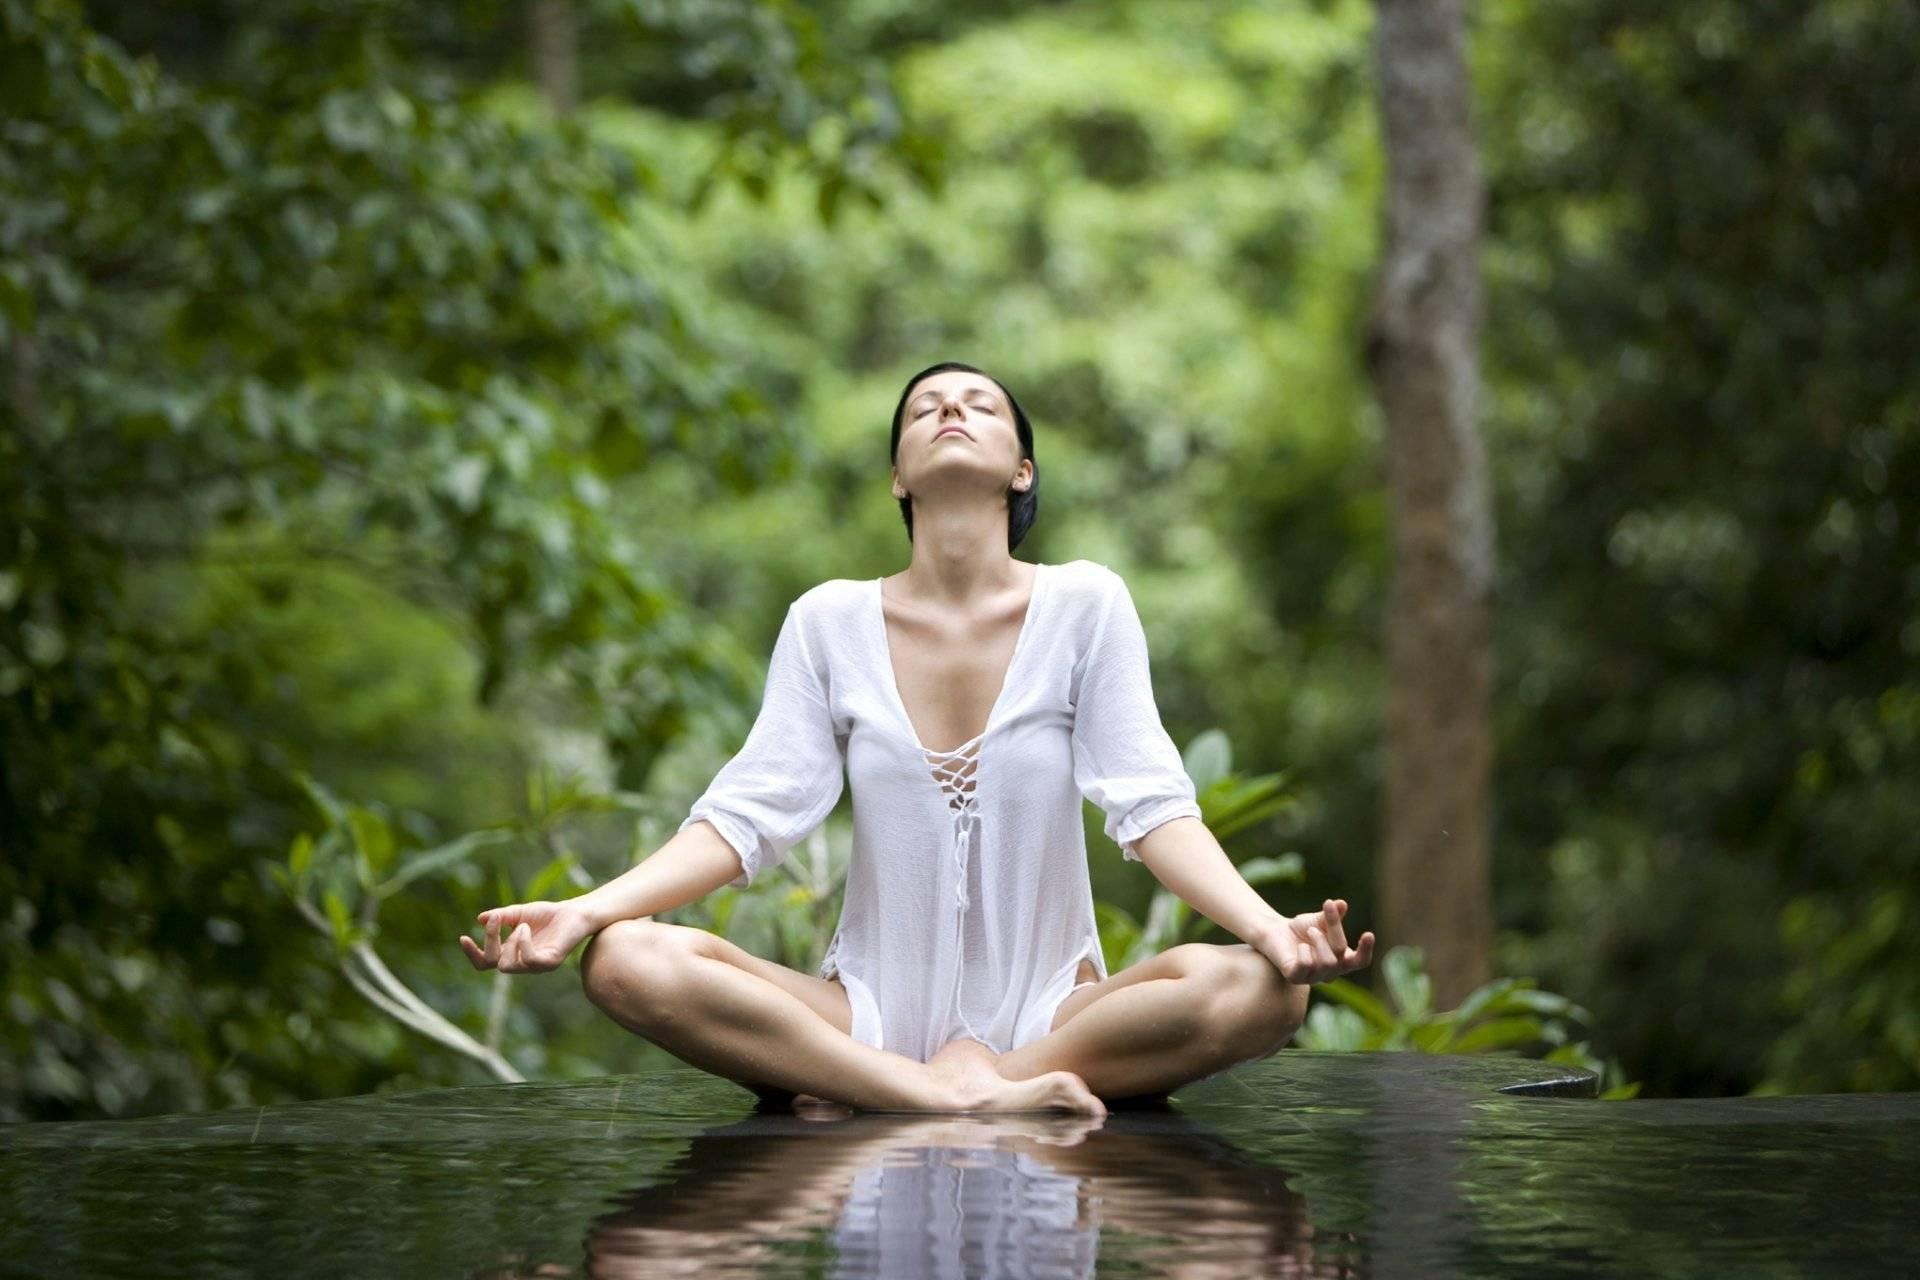 Медитация прощения как исцеляющая практика | oceanius.ru